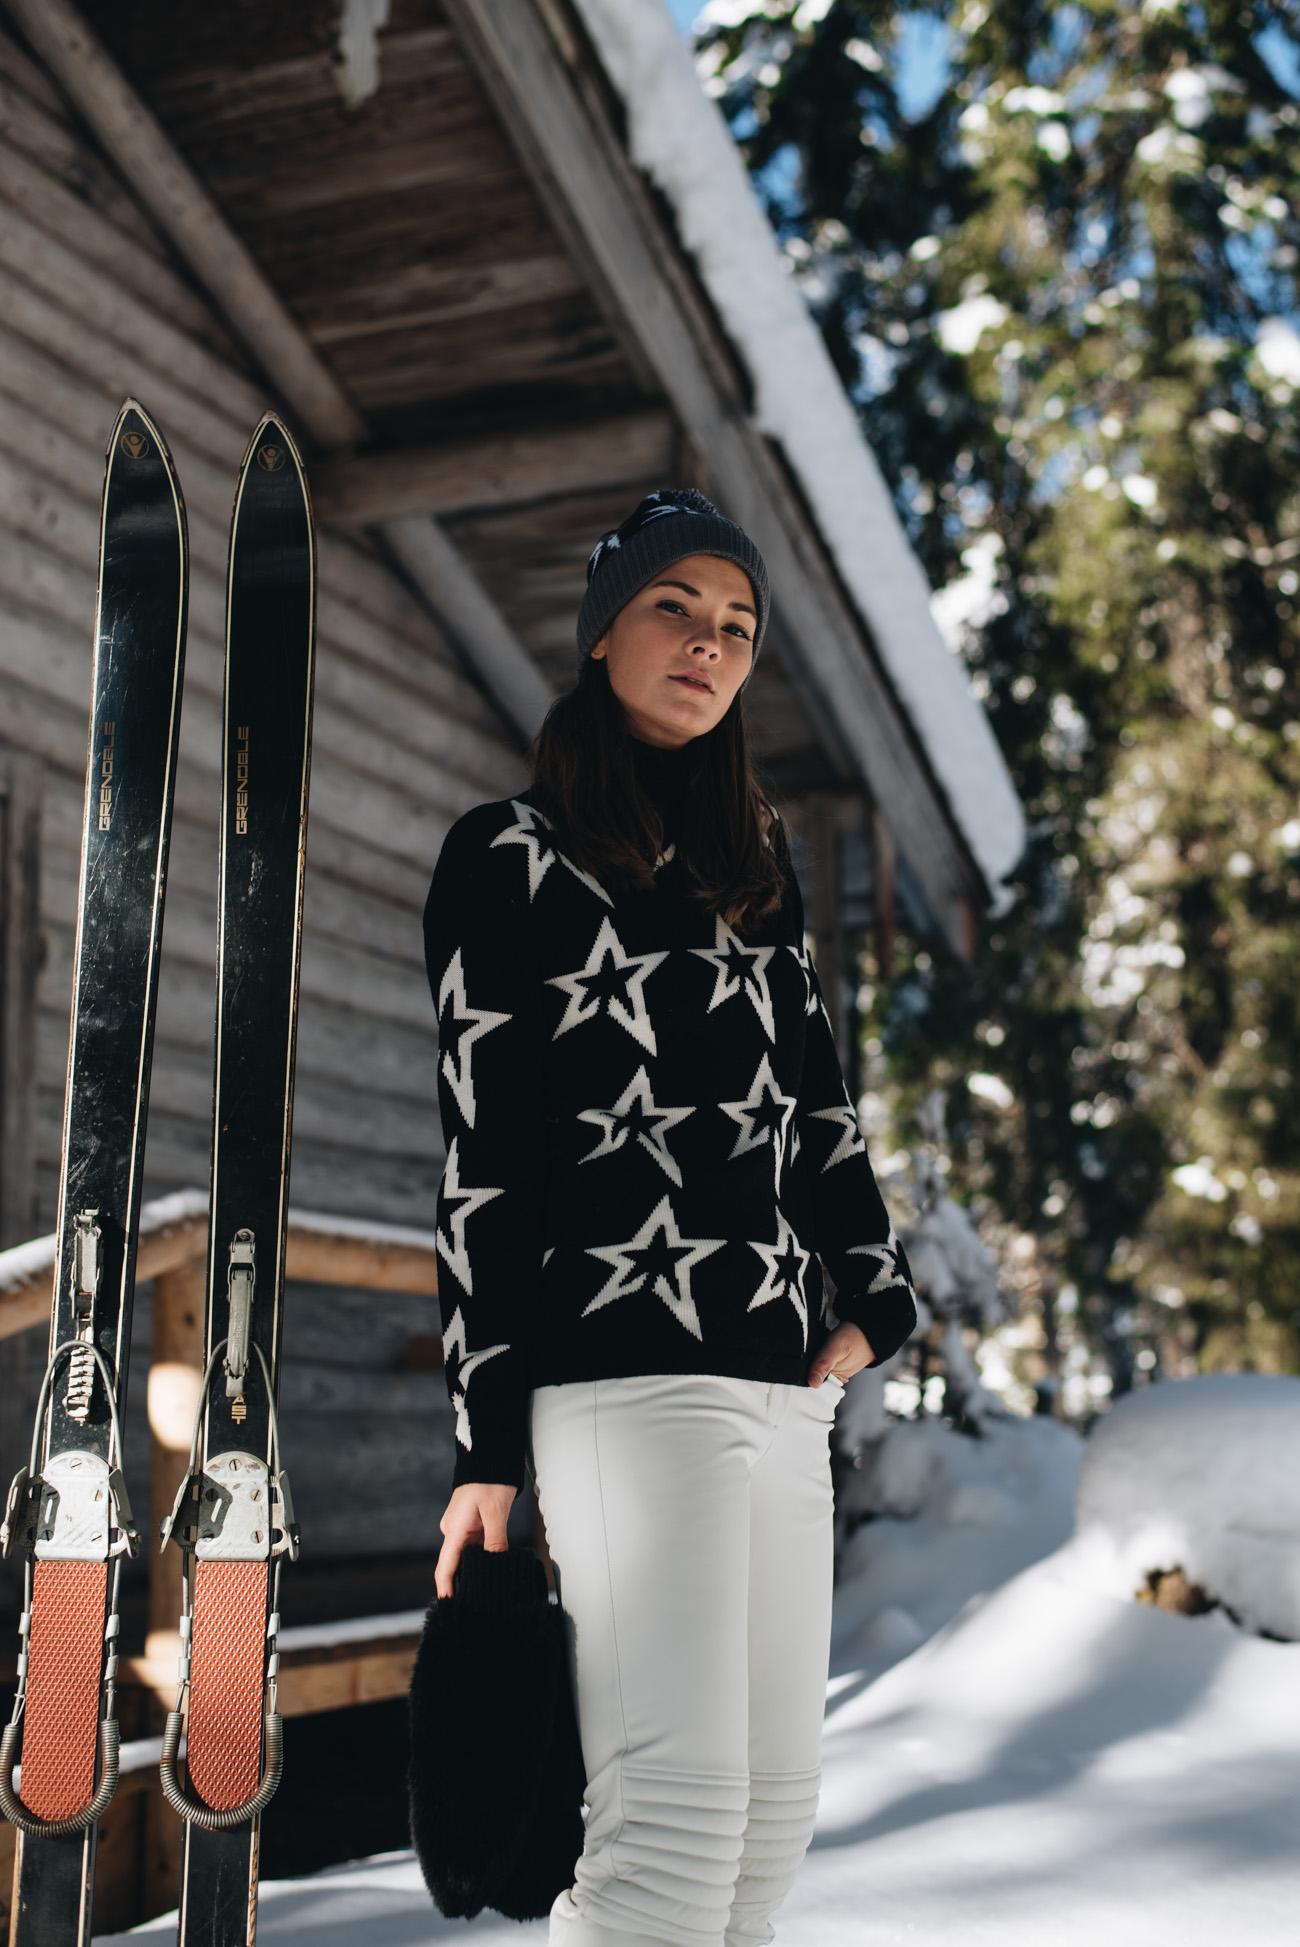 Fashion-editorial-outdoor-winter-fotoshooting-schnee-mytheresa-ski-kampagne-blogger-nina-schwichtenberg-fashionbloggerin-deutschland-münchen-fashiioncarpet